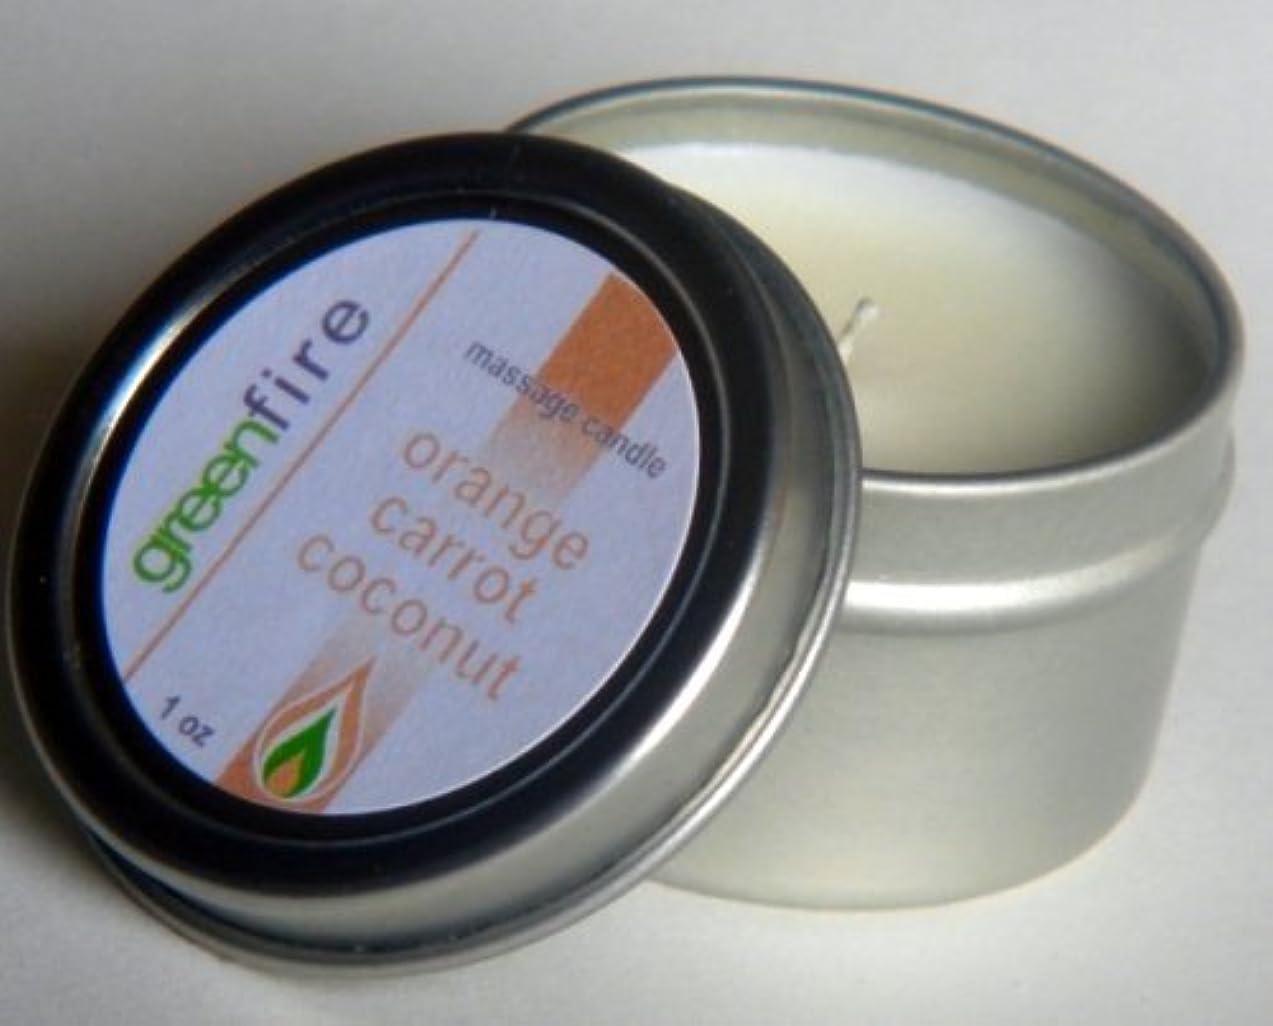 メディカル温度健康的グリーンファイヤーマッサージオイル/2パック入り オレンジ?キャロット?ココナッツ/ローズウッド?カモミール?イランイランの香り(サイズ:各29.6mL)